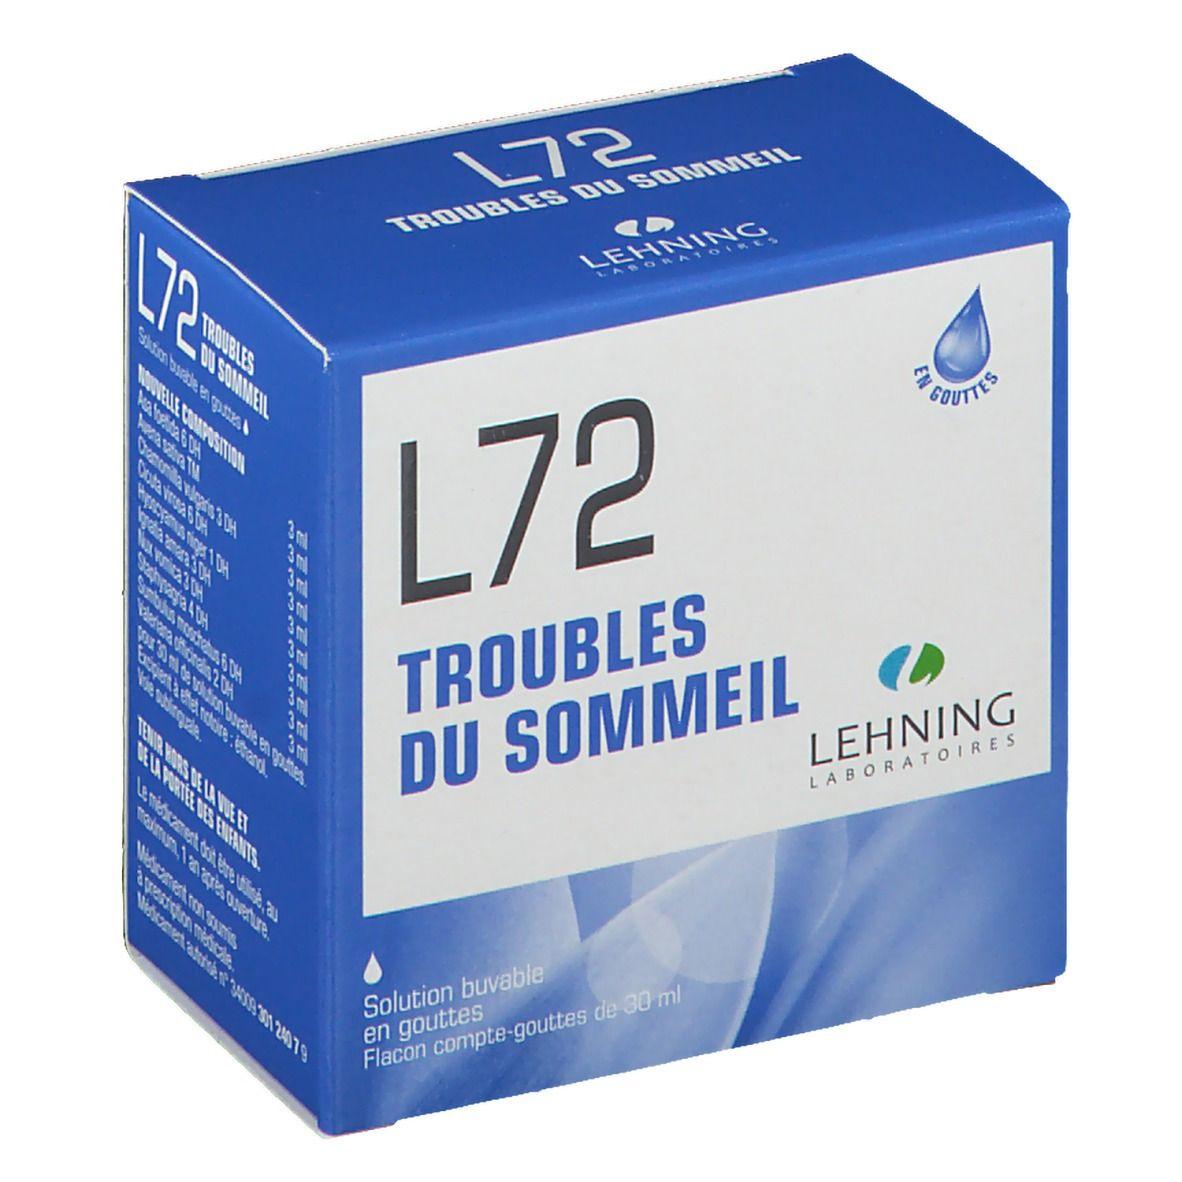 LEHNING L72 Solution buvable en gouttes ml solution(s)